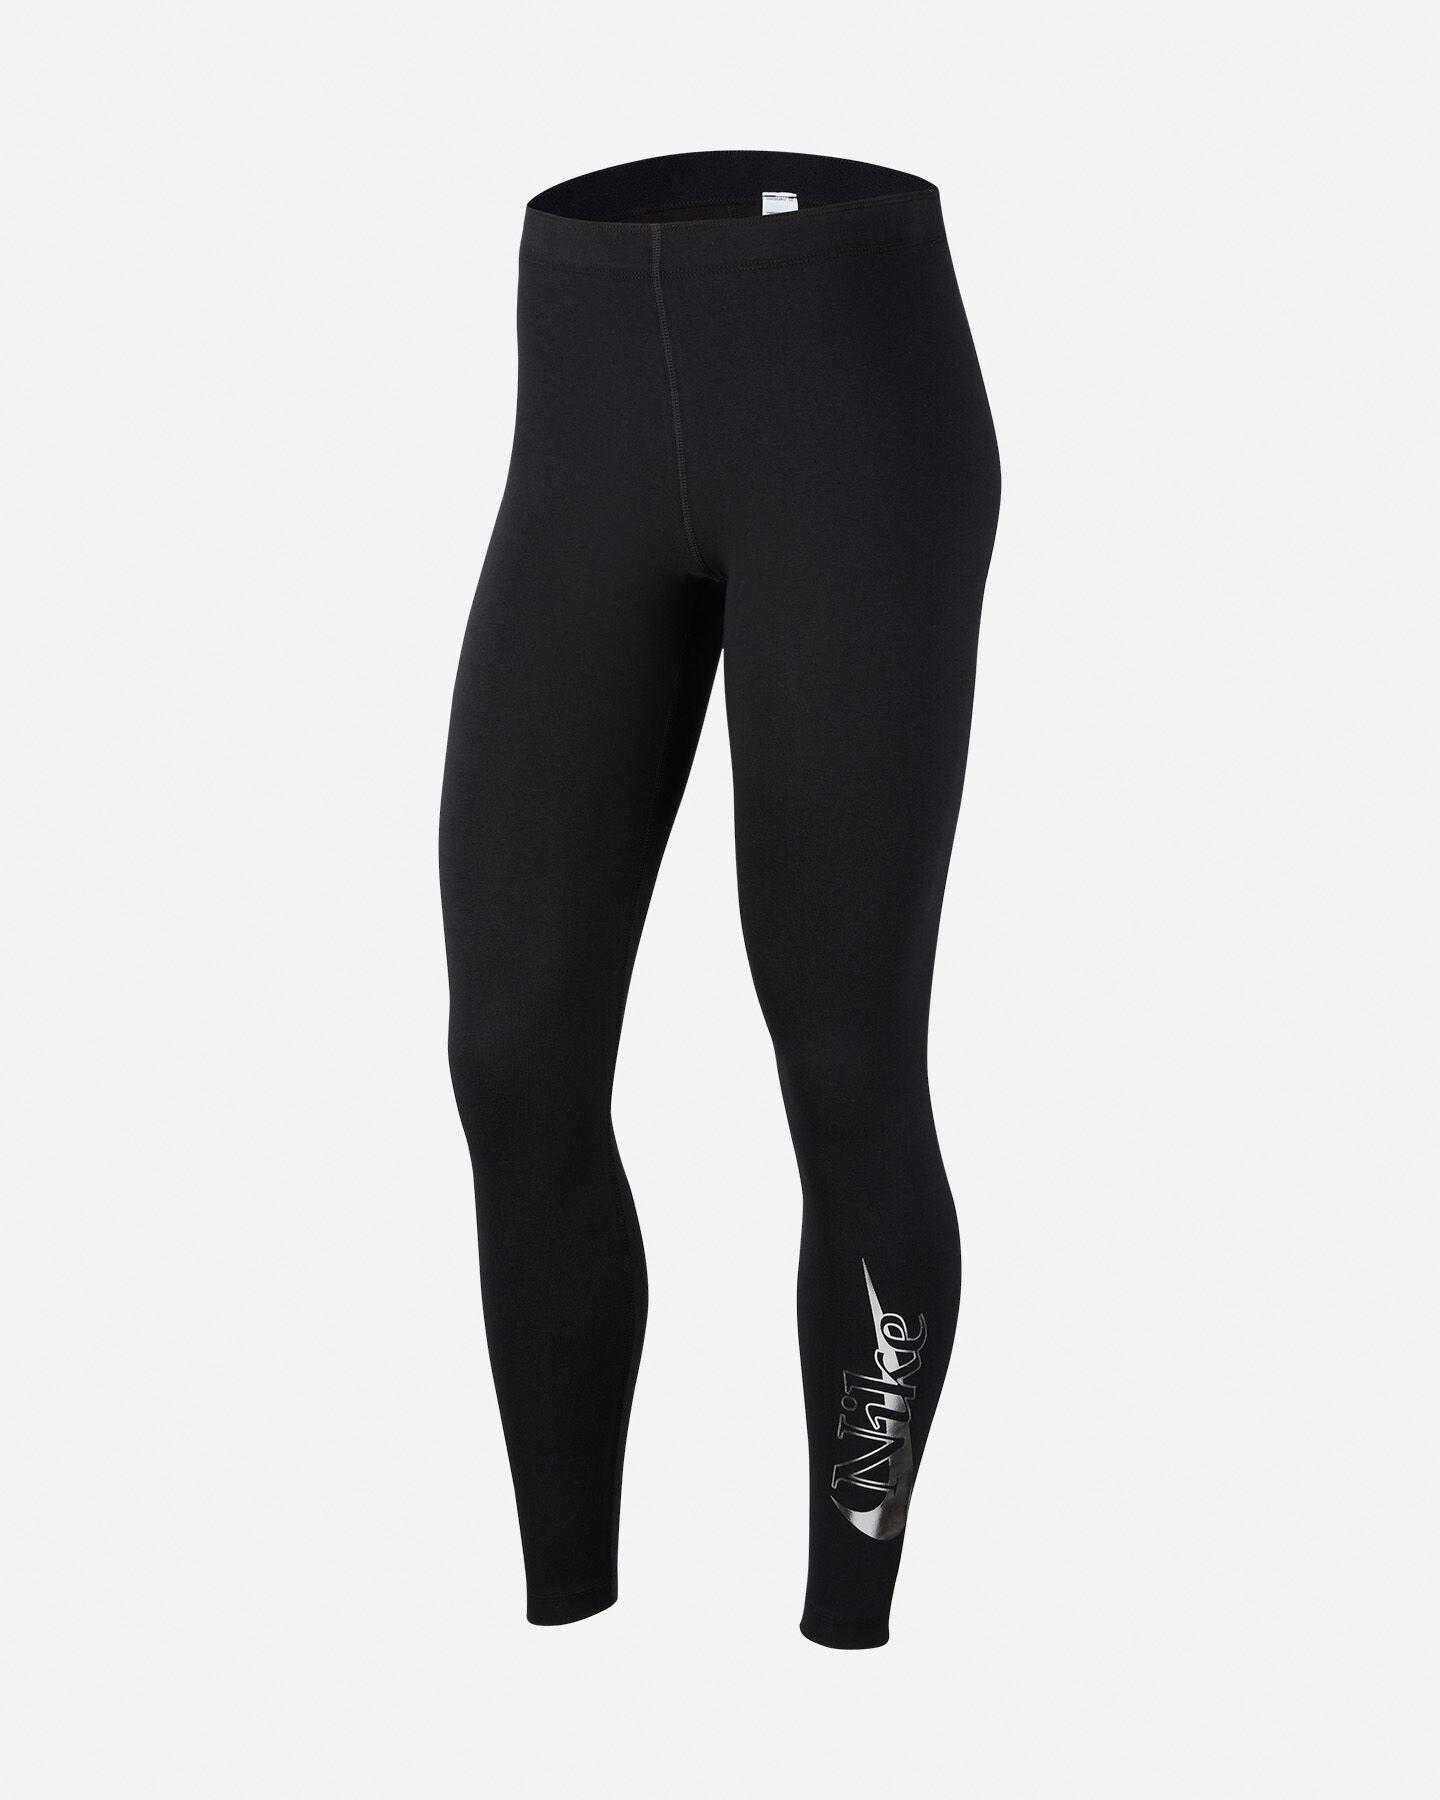 Leggings NIKE ICON CLASH W S5249219 scatto 0